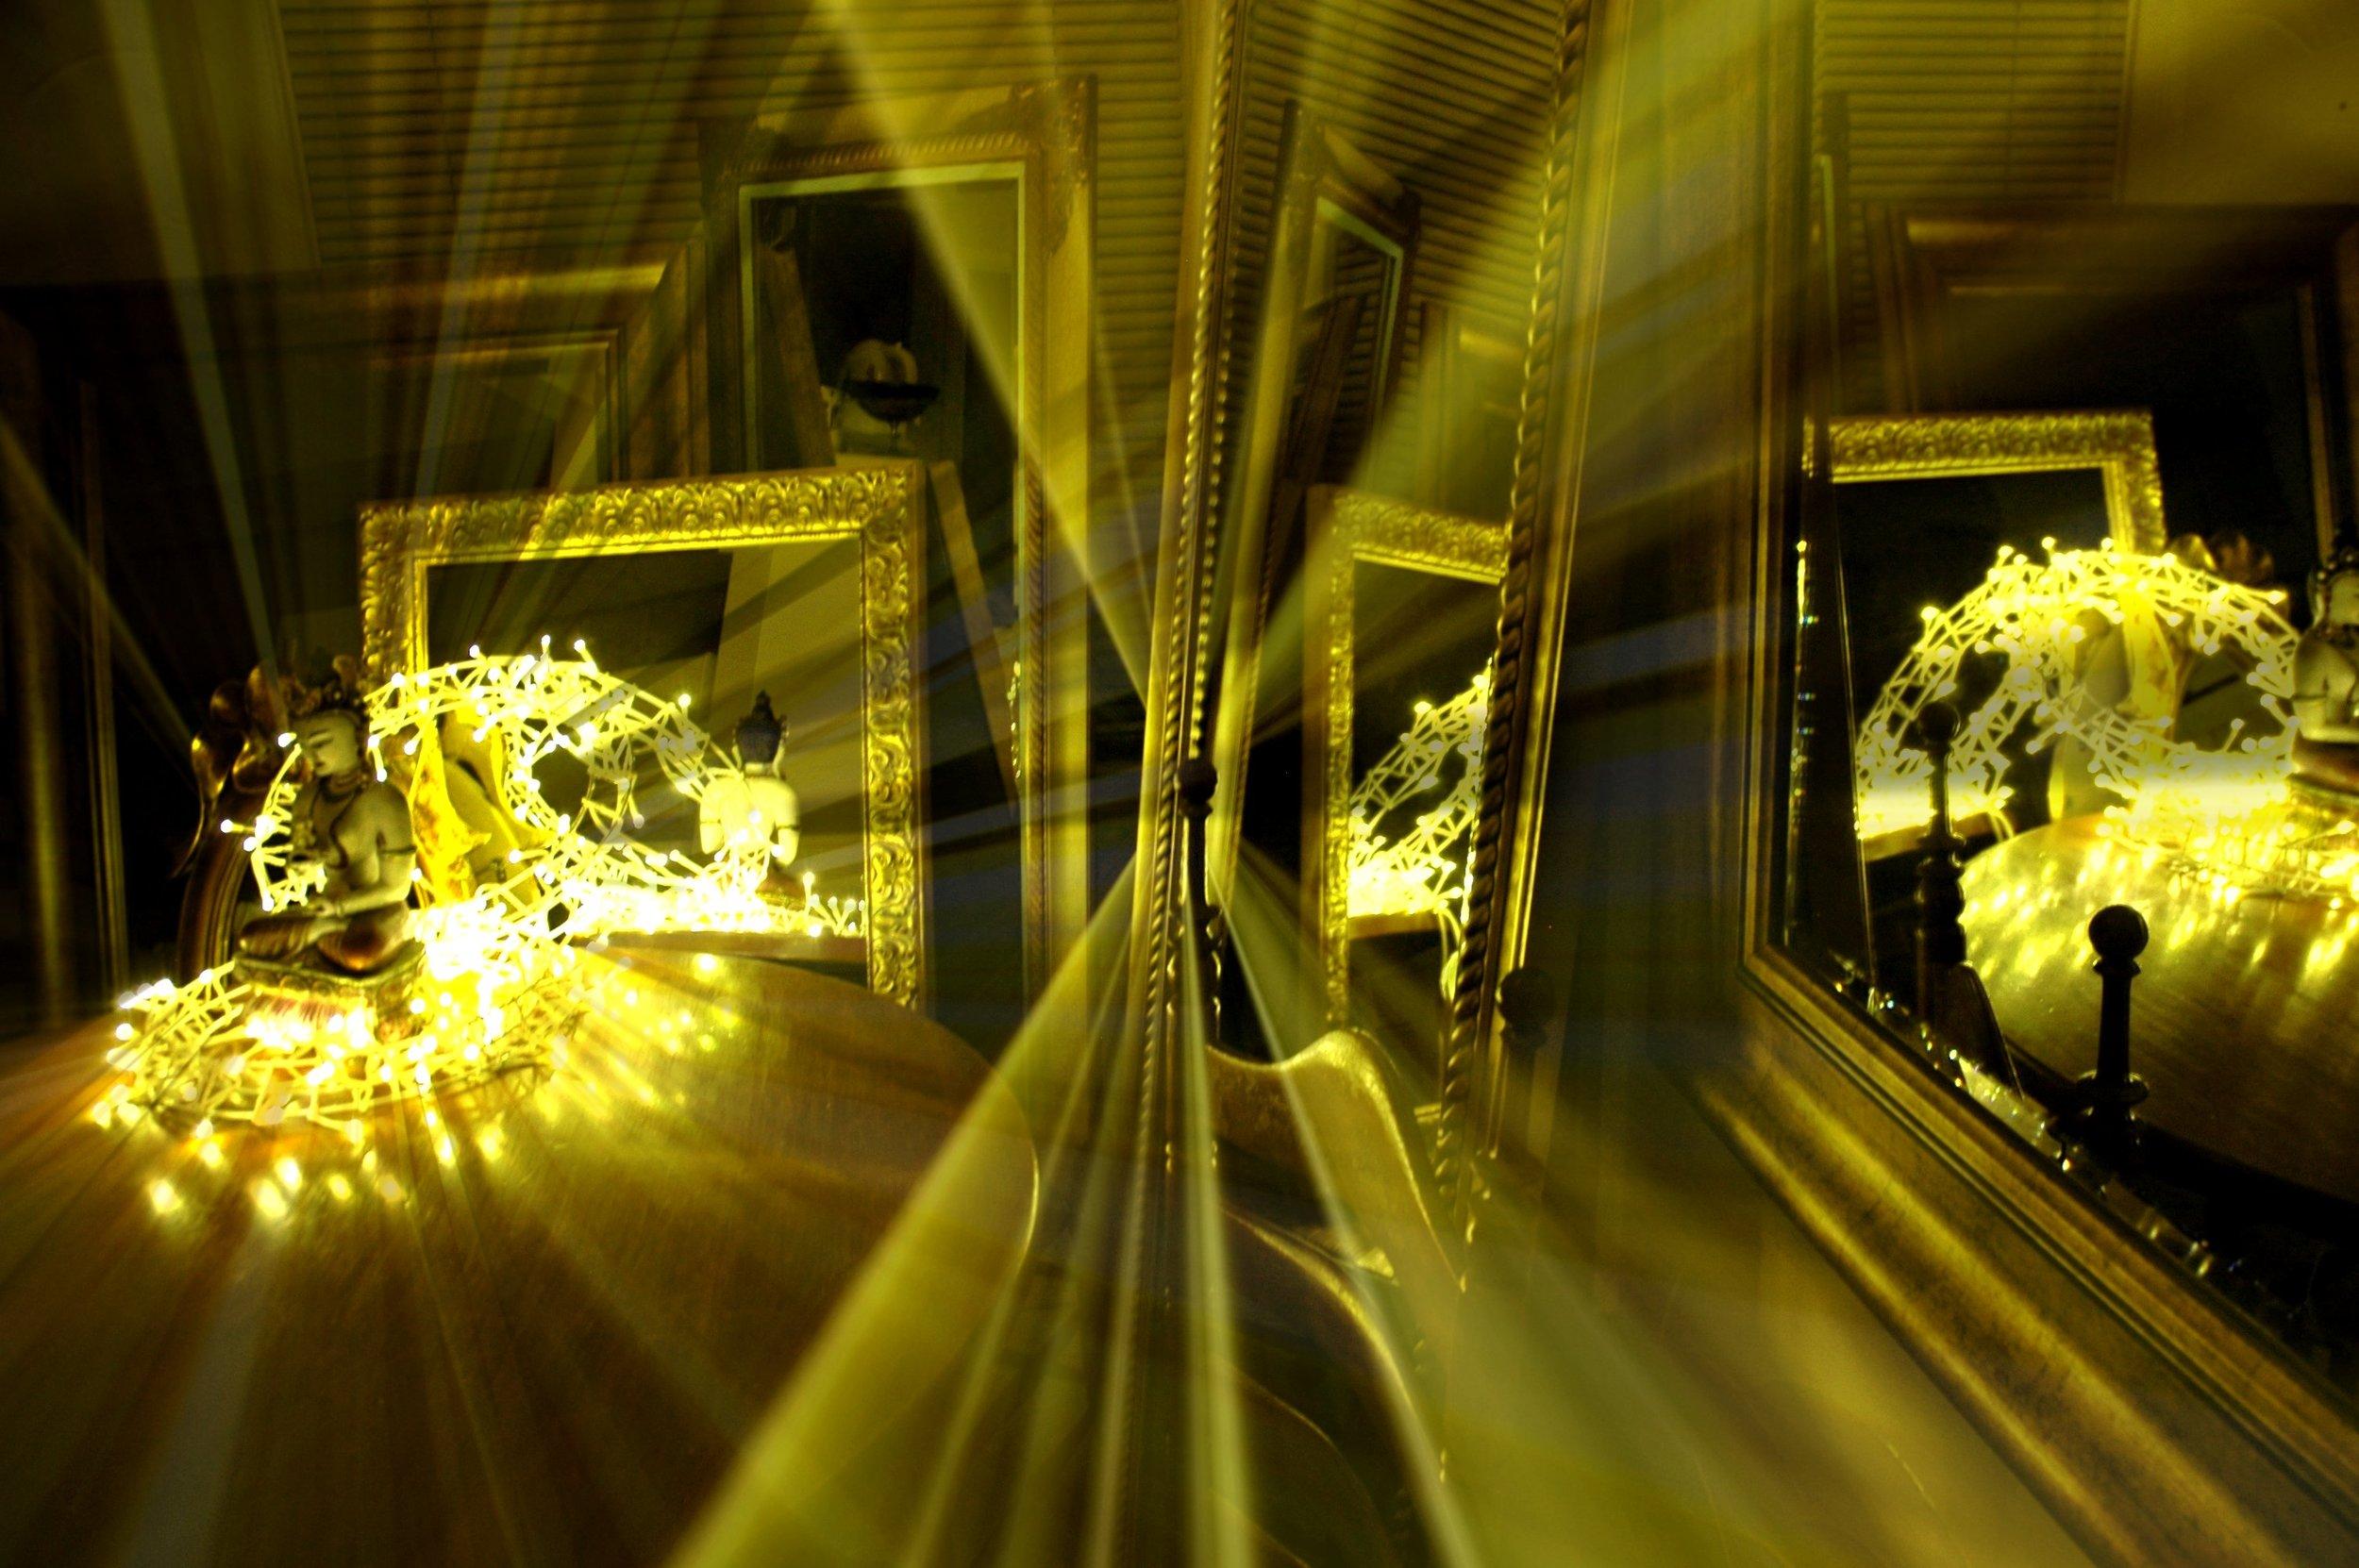 Image credit: Wonderlane, CC-BY 2.0, https://www.flickr.com/photos/wonderlane/3349964581/in/photostream/